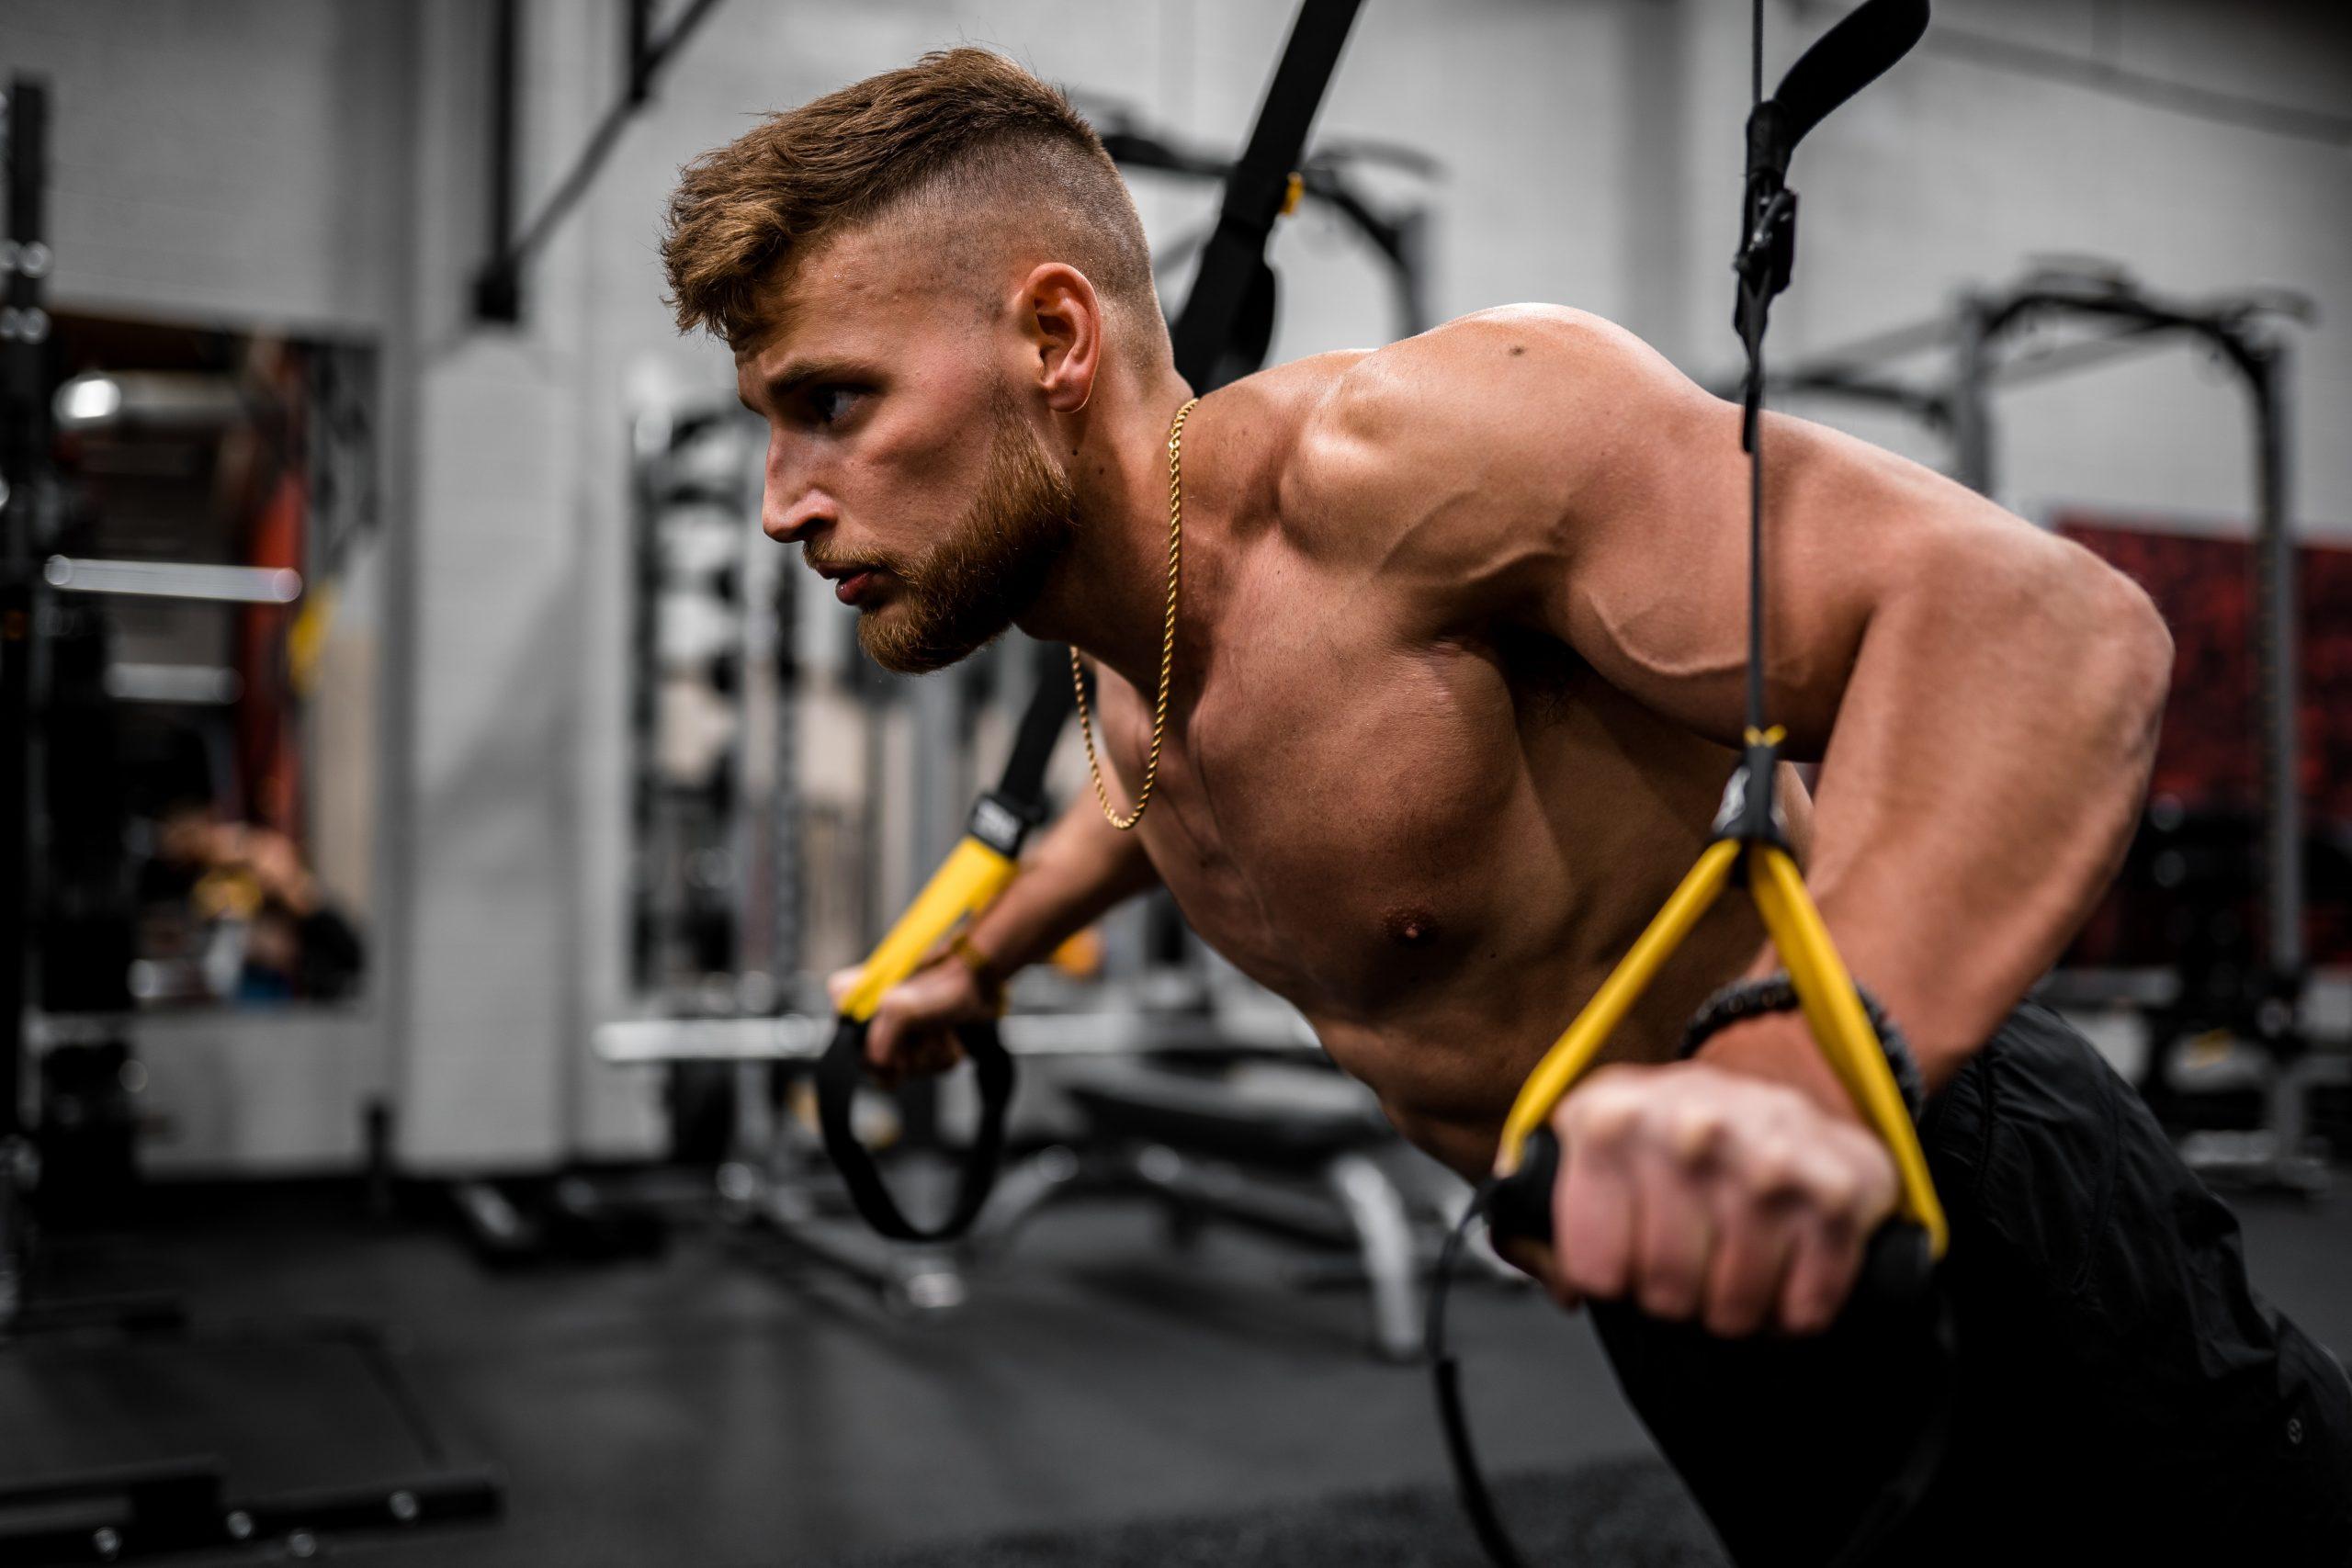 Imagem mostra homem sem camisa treinando